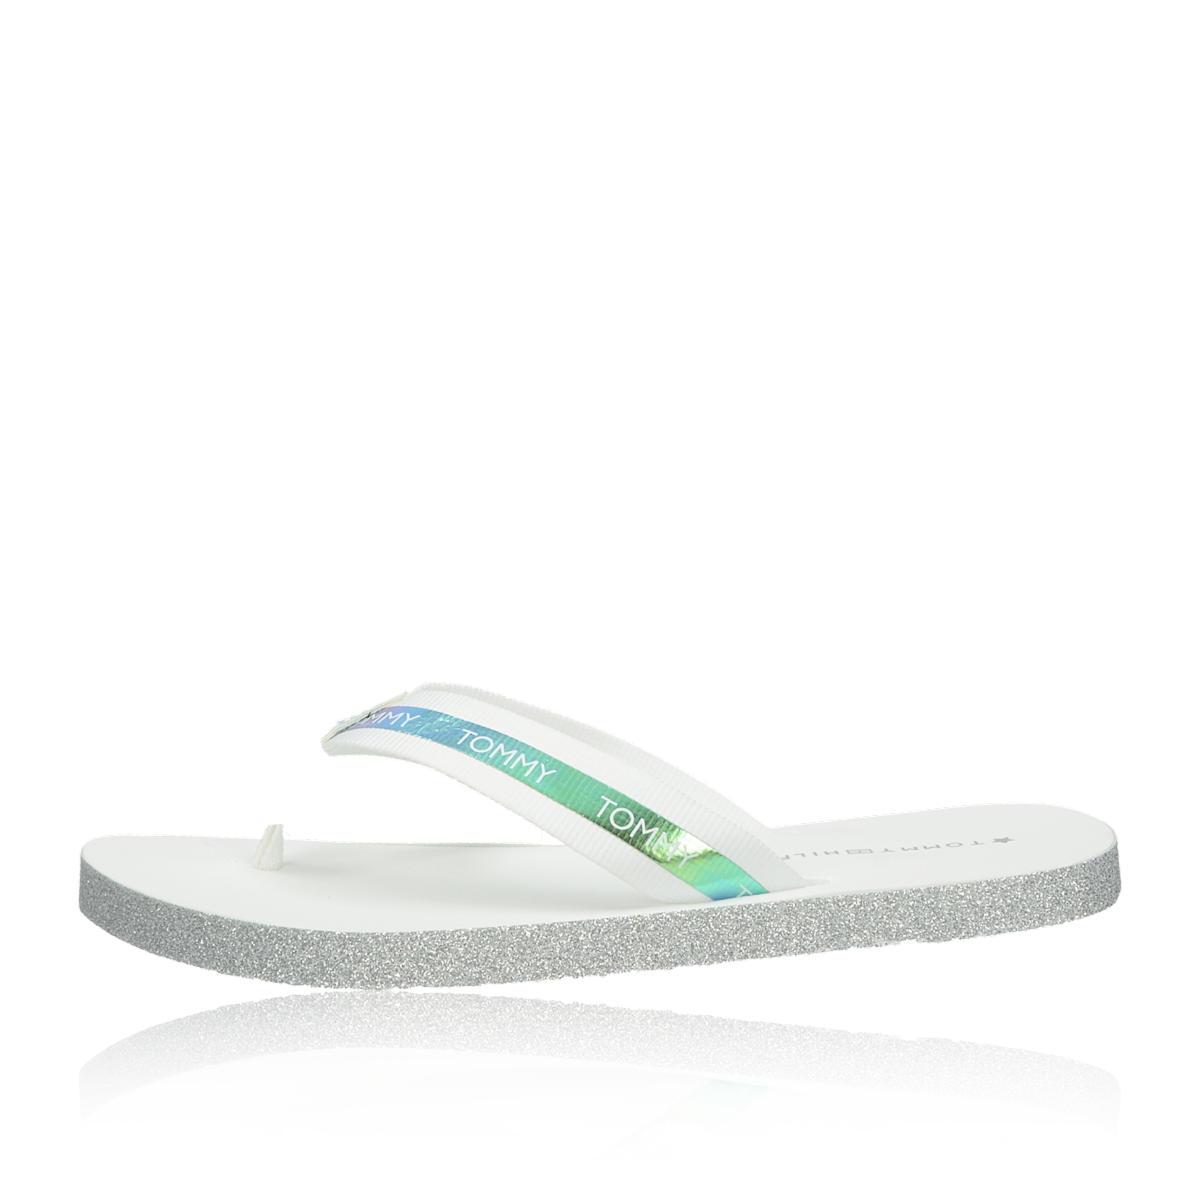 Tommy Hilfiger dámské stylové plážovky - bílé